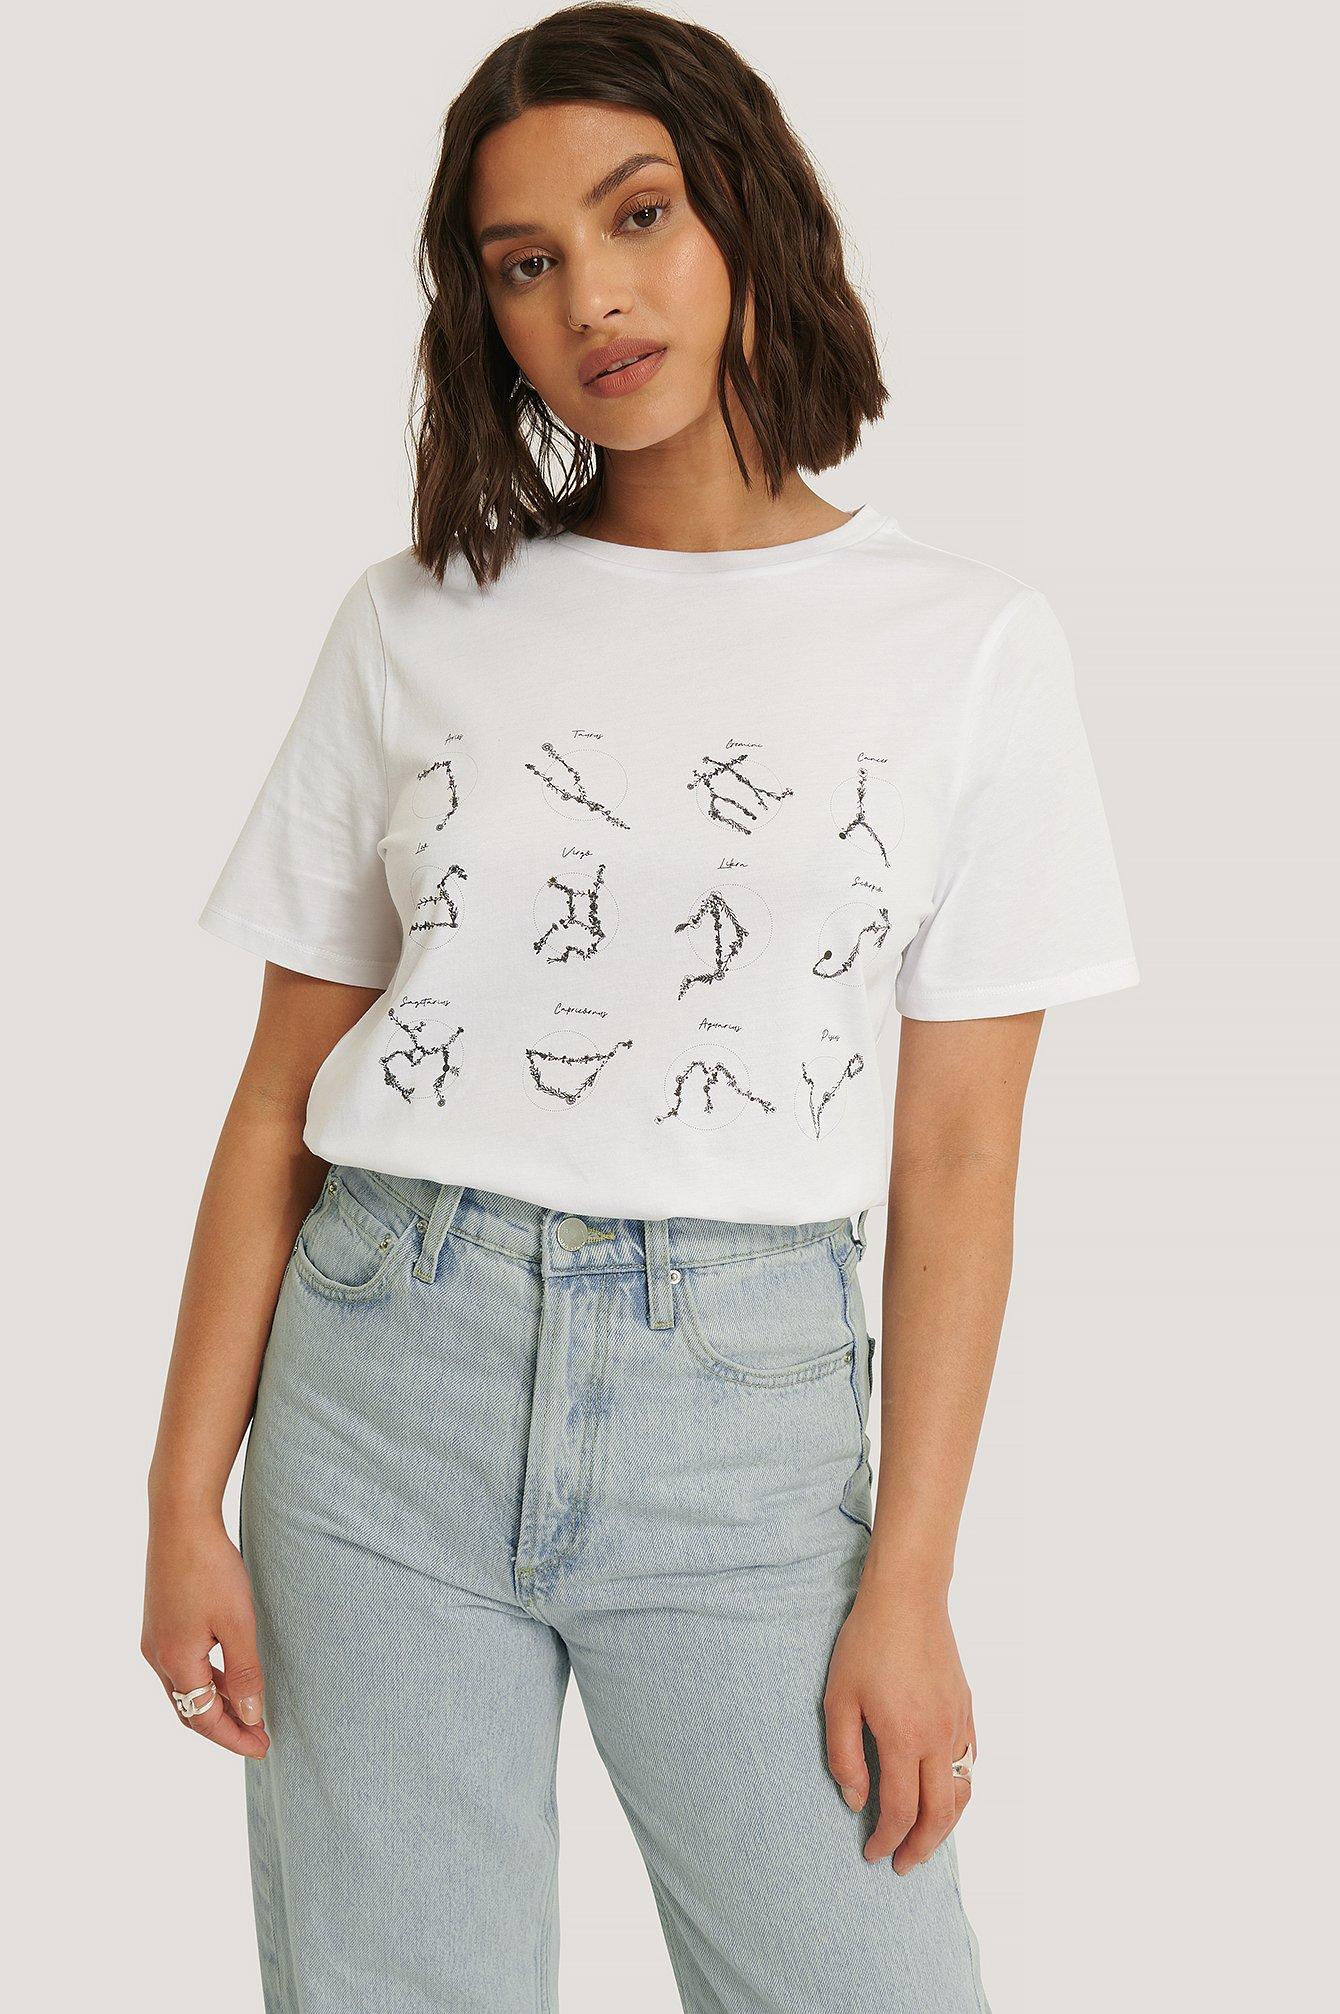 NA-KD Reborn T-Shirt Mit Aufdruck - White | Bekleidung > Shirts > T-Shirts | NA-KD Reborn